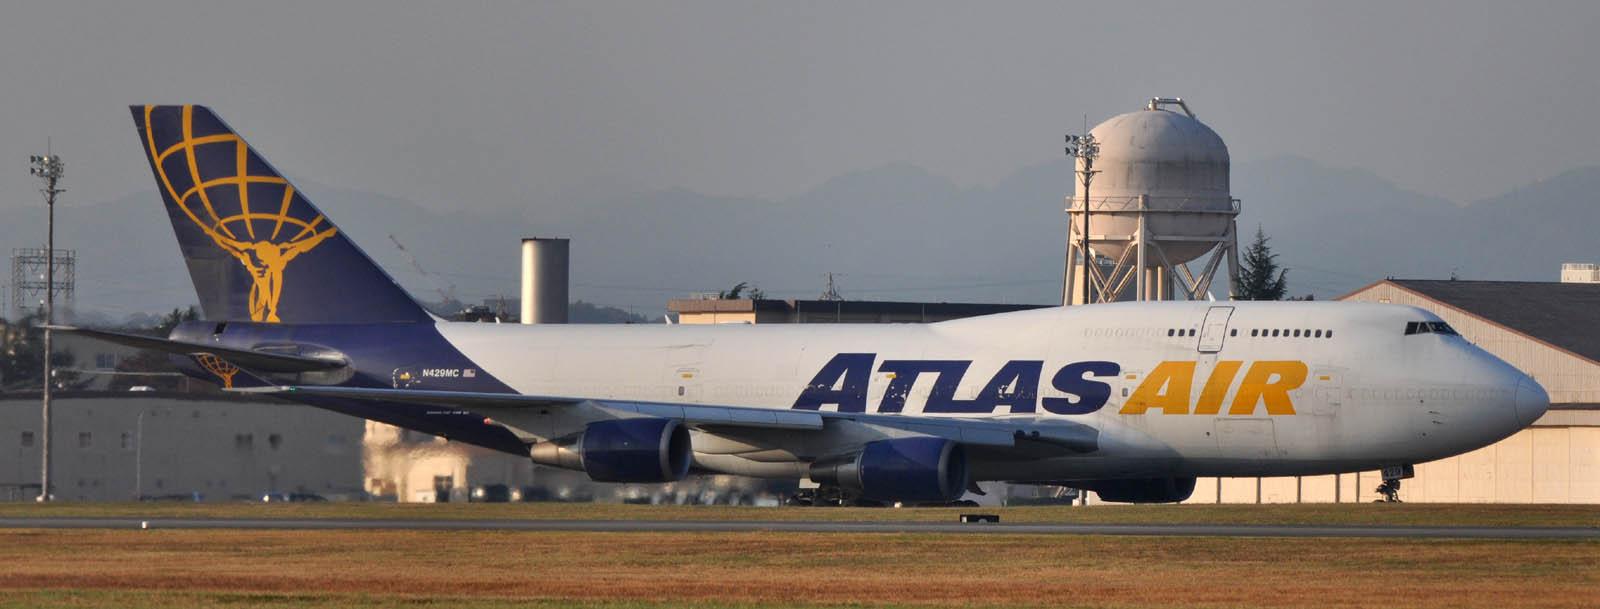 Atlas111104g930